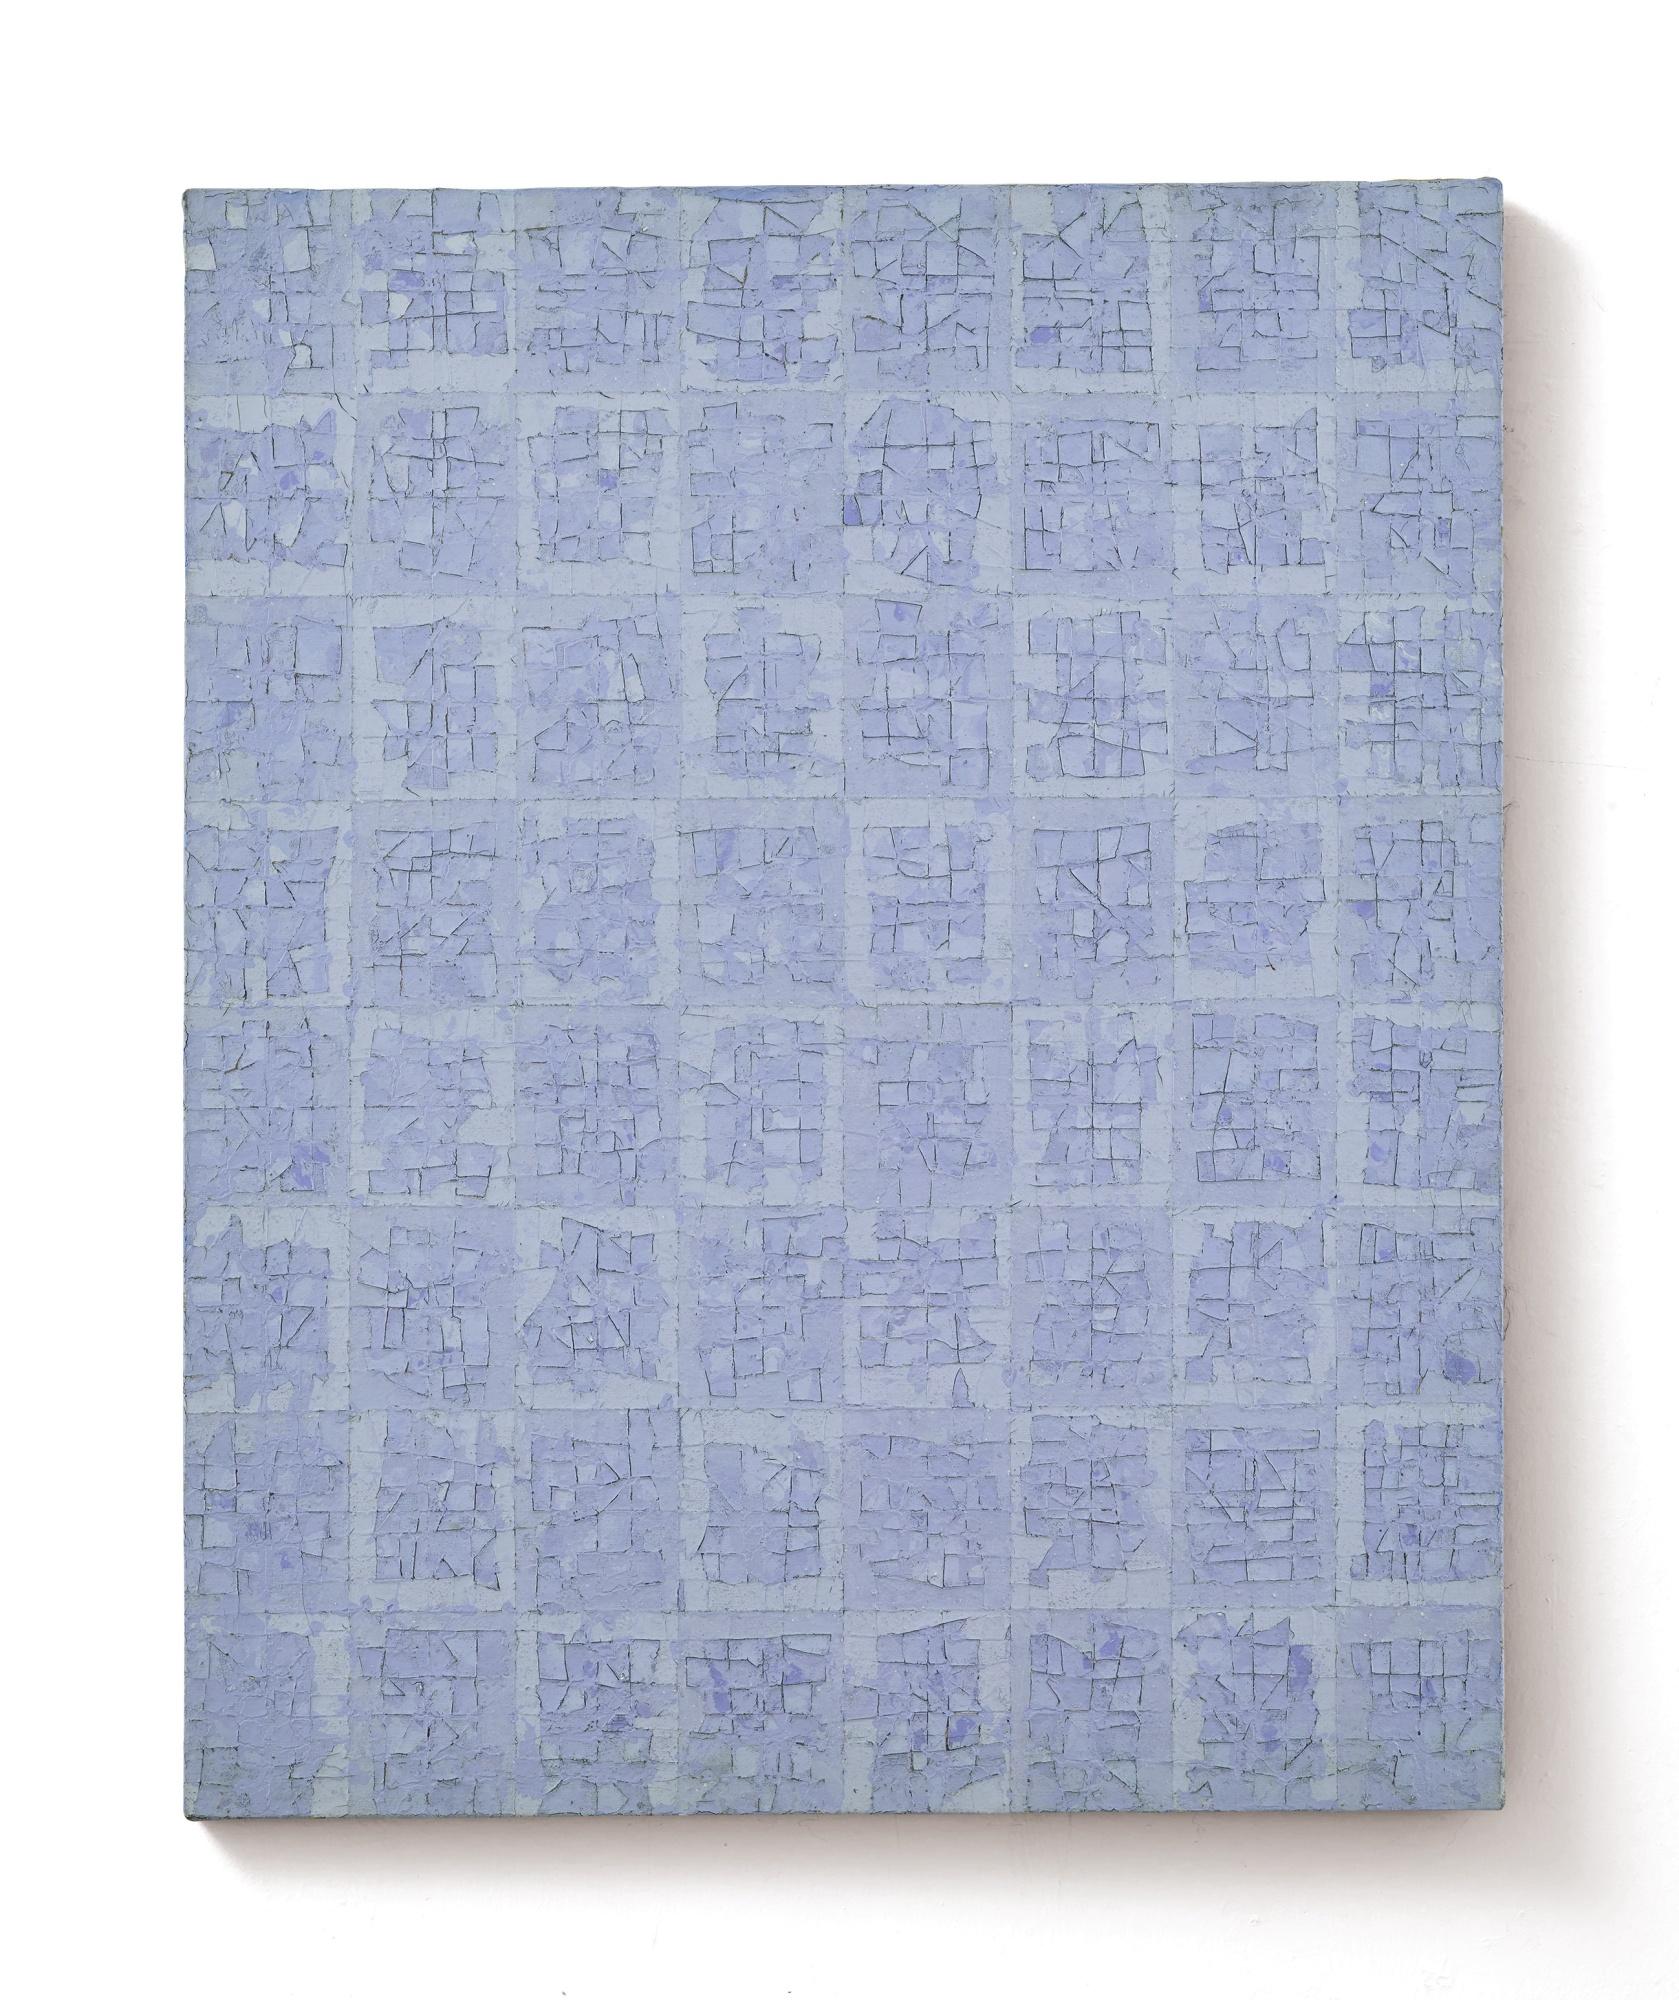 Chung Sang-Hwa-Untitled 84-1-8-1984